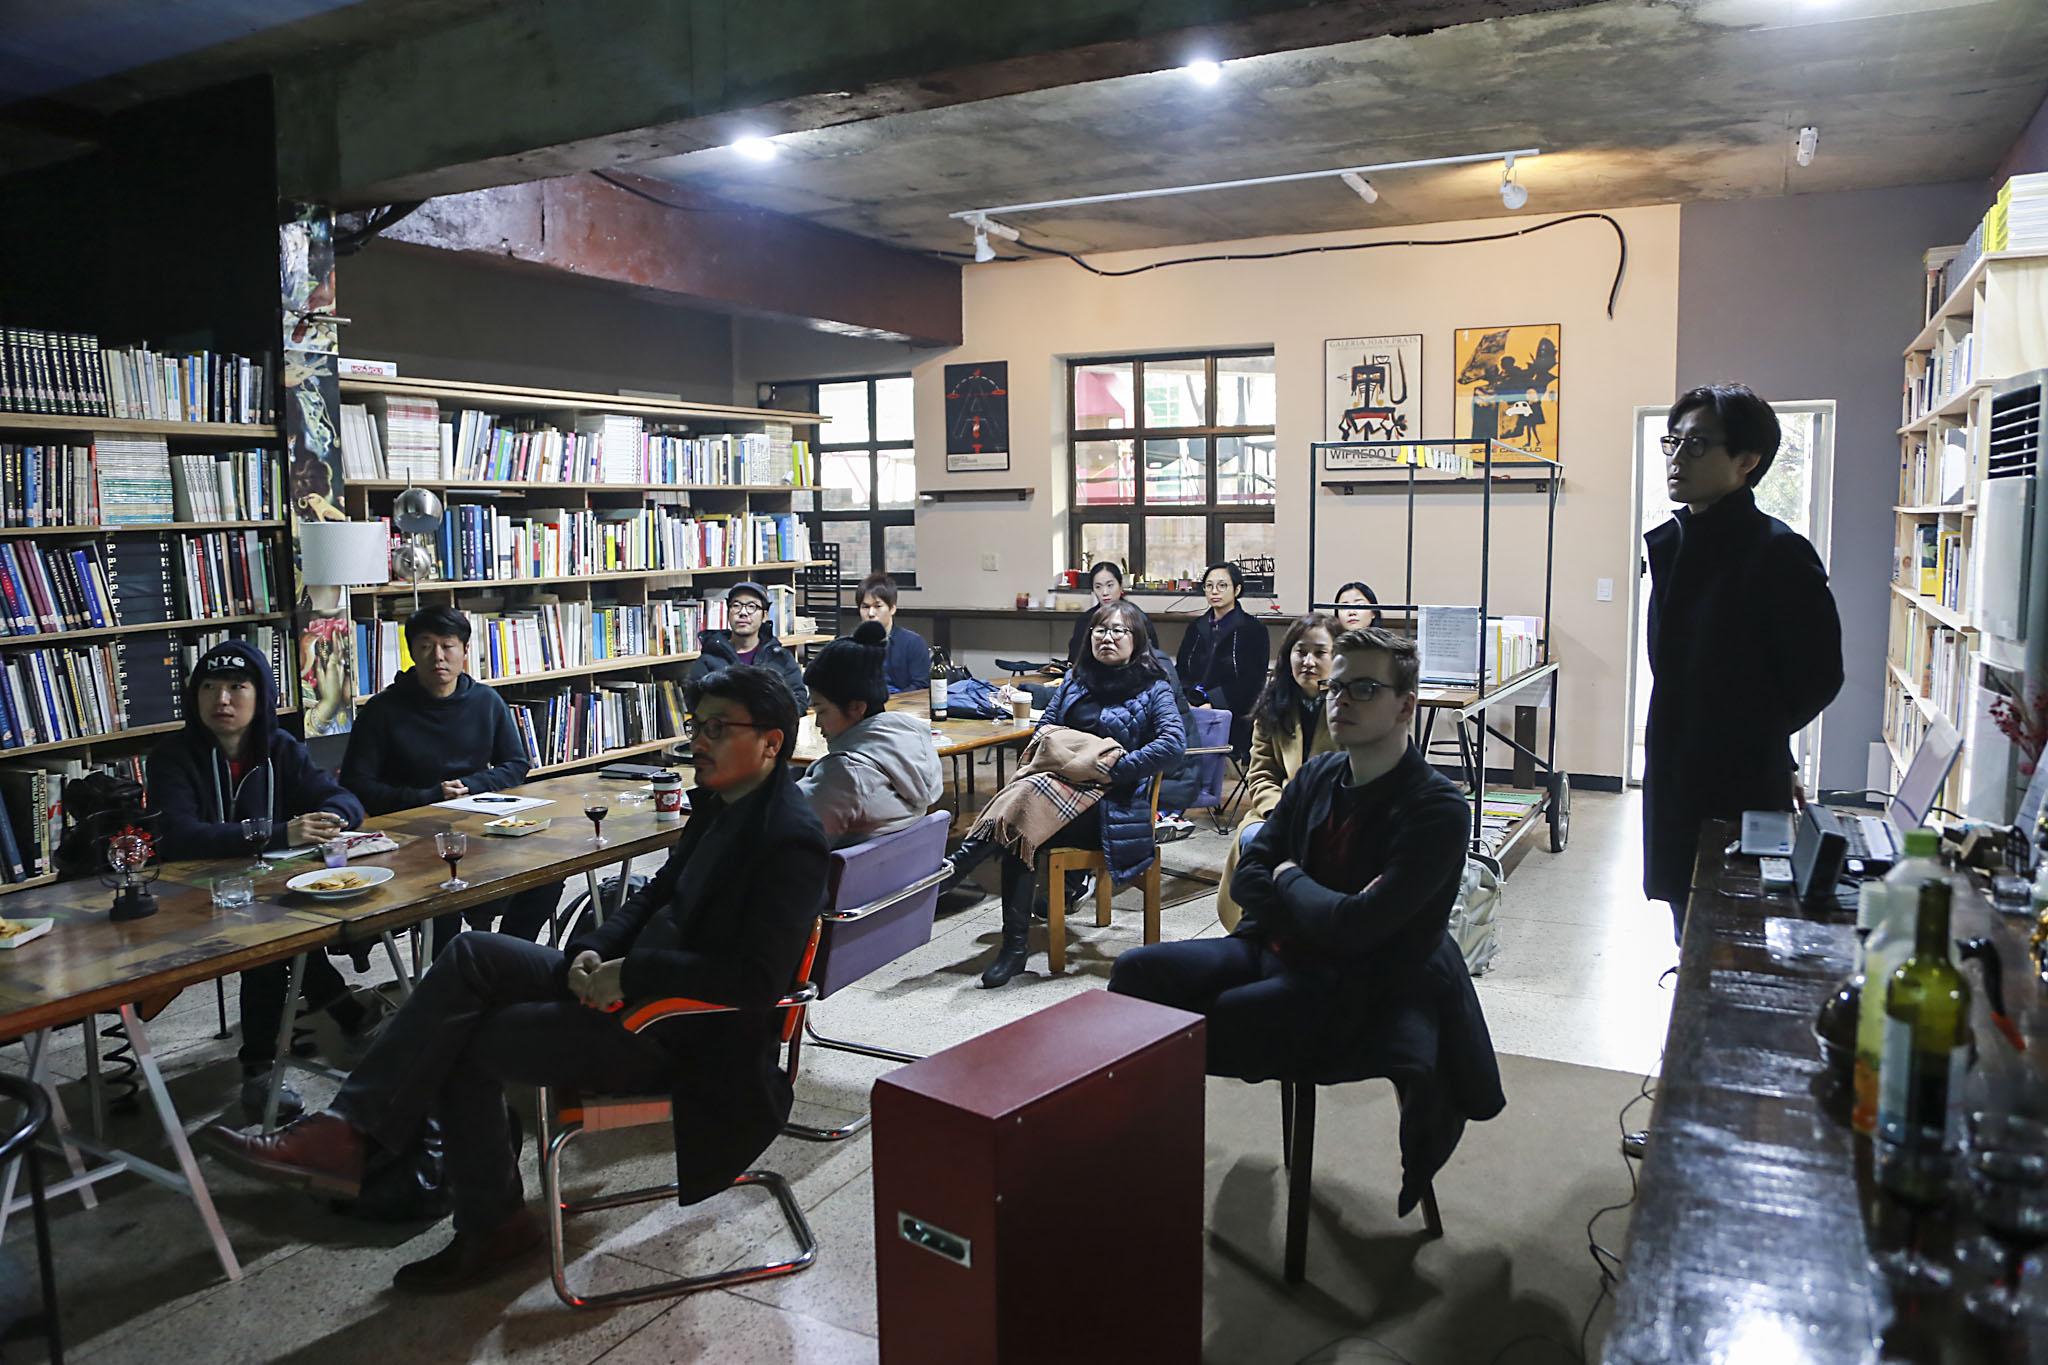 1219_월요살롱 - 정지현, 유비호, 이우성 (3)